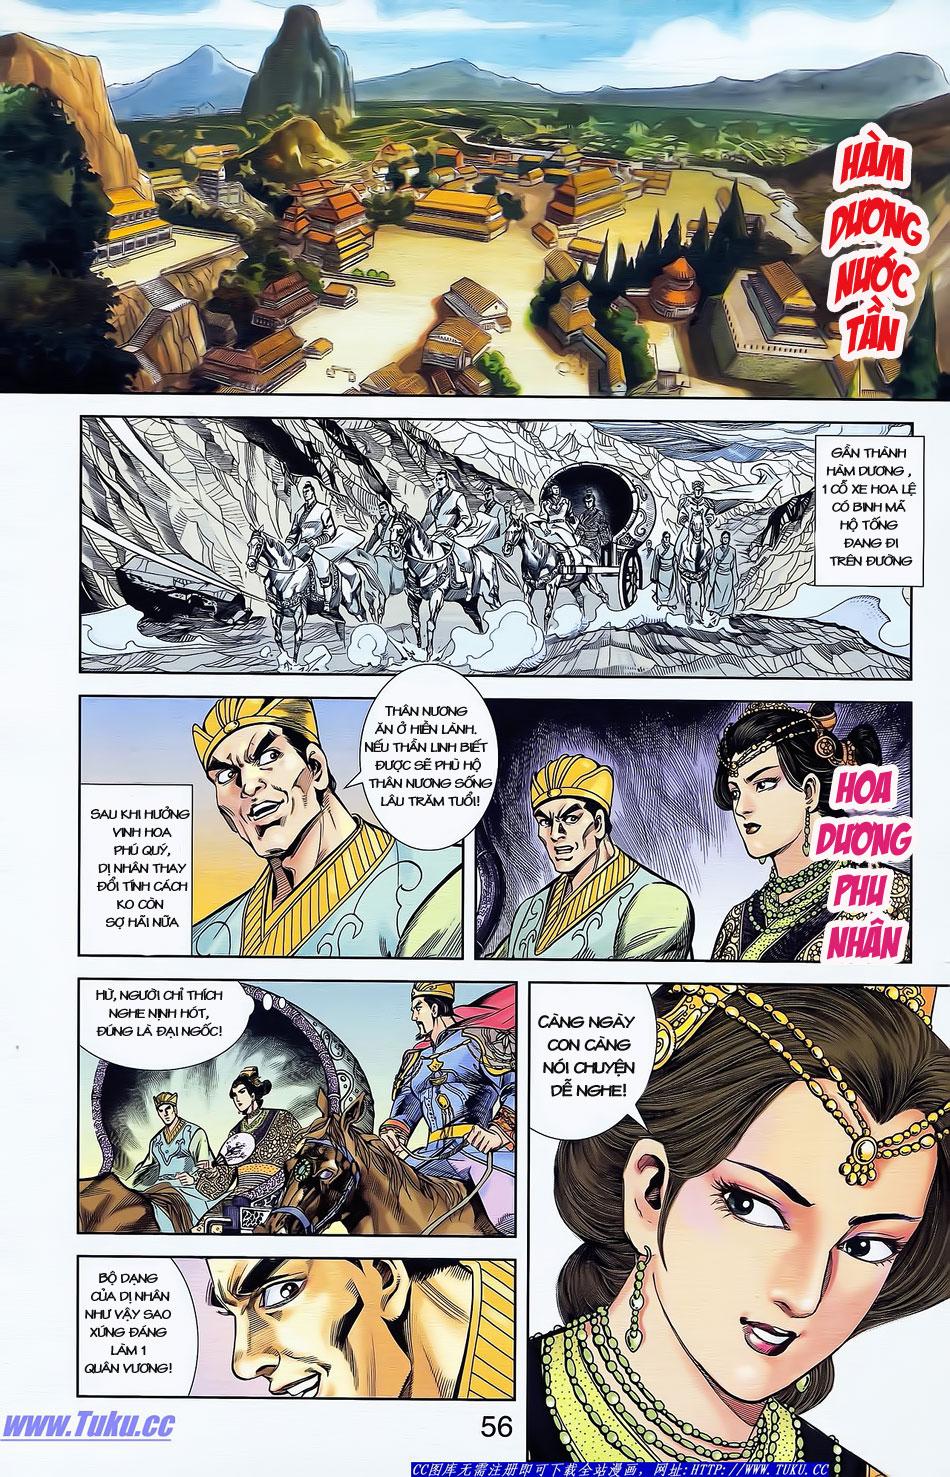 Tần Vương Doanh Chính chapter 4 trang 27